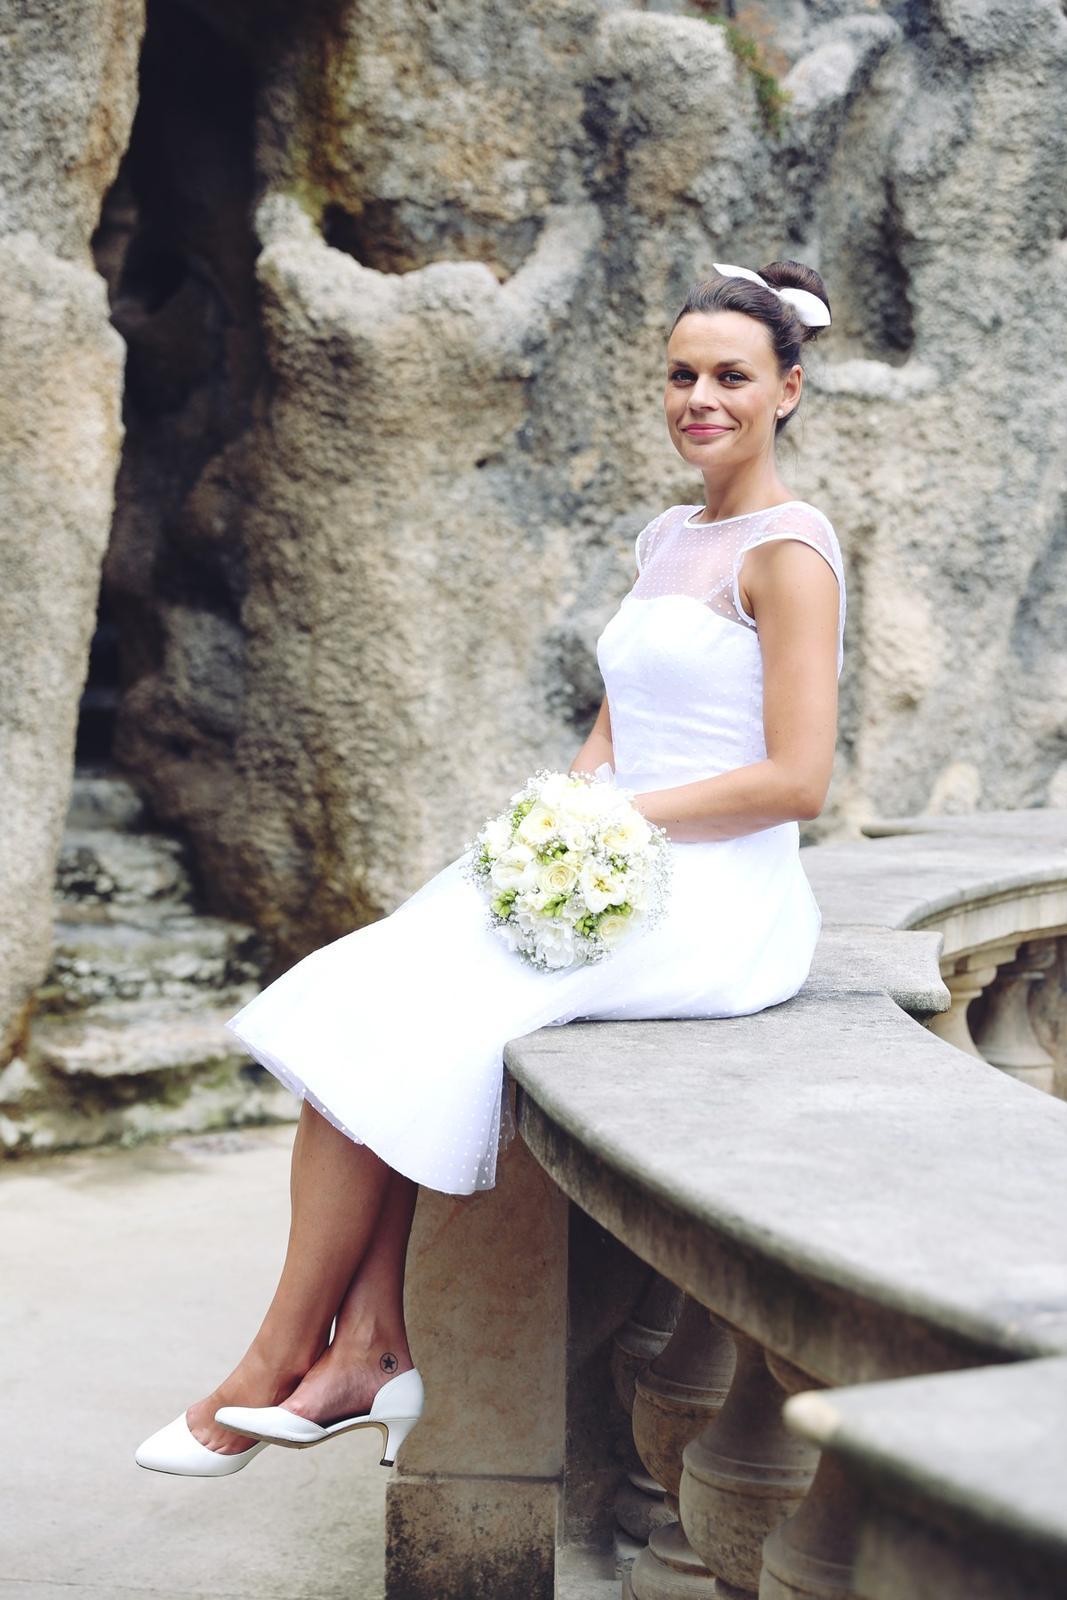 Svatební focení v Grébovce - nevěsta sólo - umělá jeskyně v Grébovce